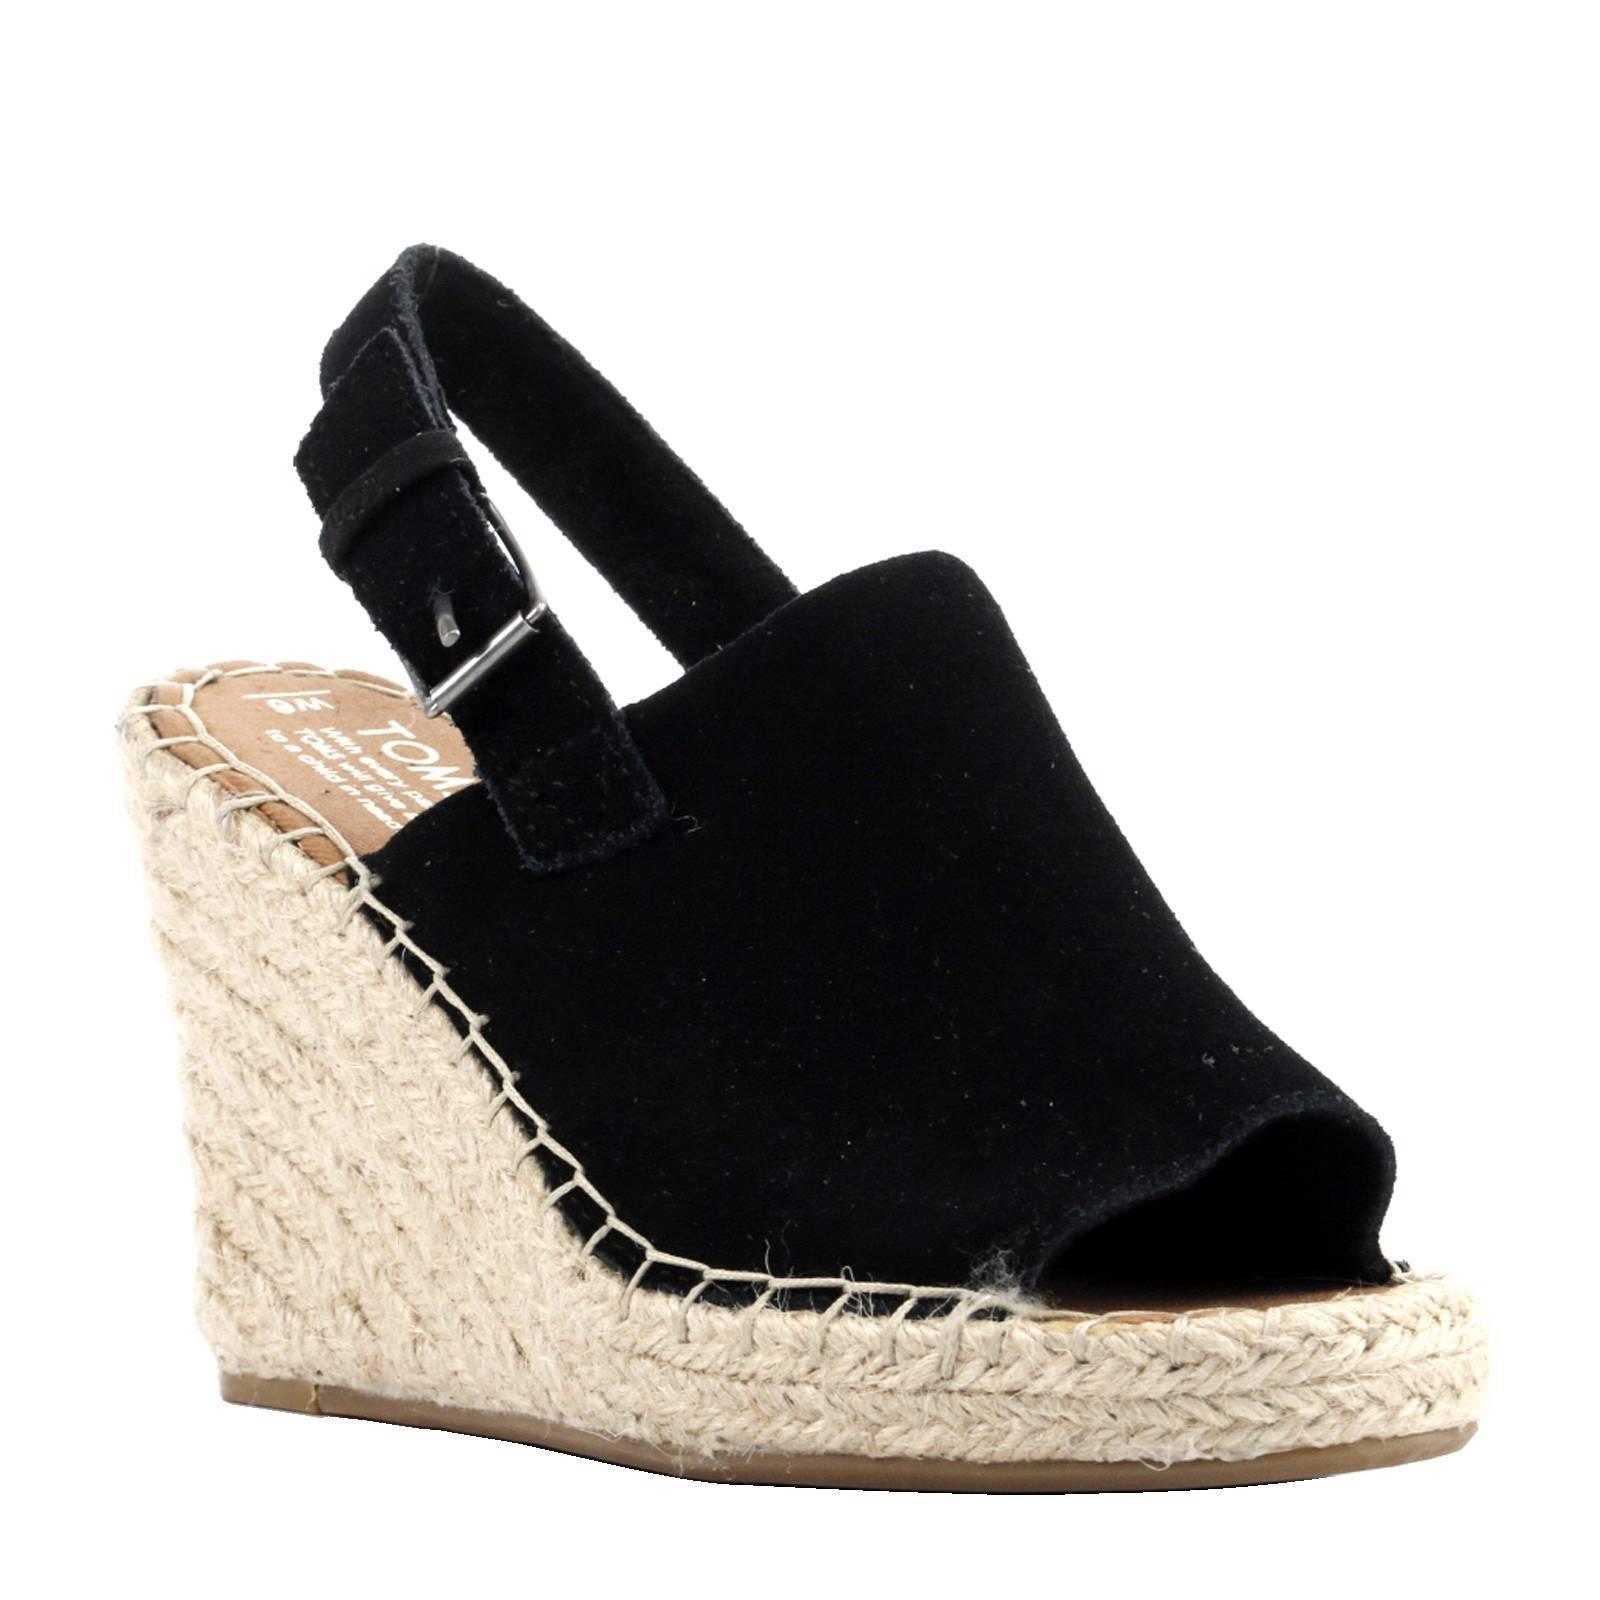 Chaussures Noires De Toms Avec Talon Bloc Avec Boucle Pour Dames Mqck0z9b71